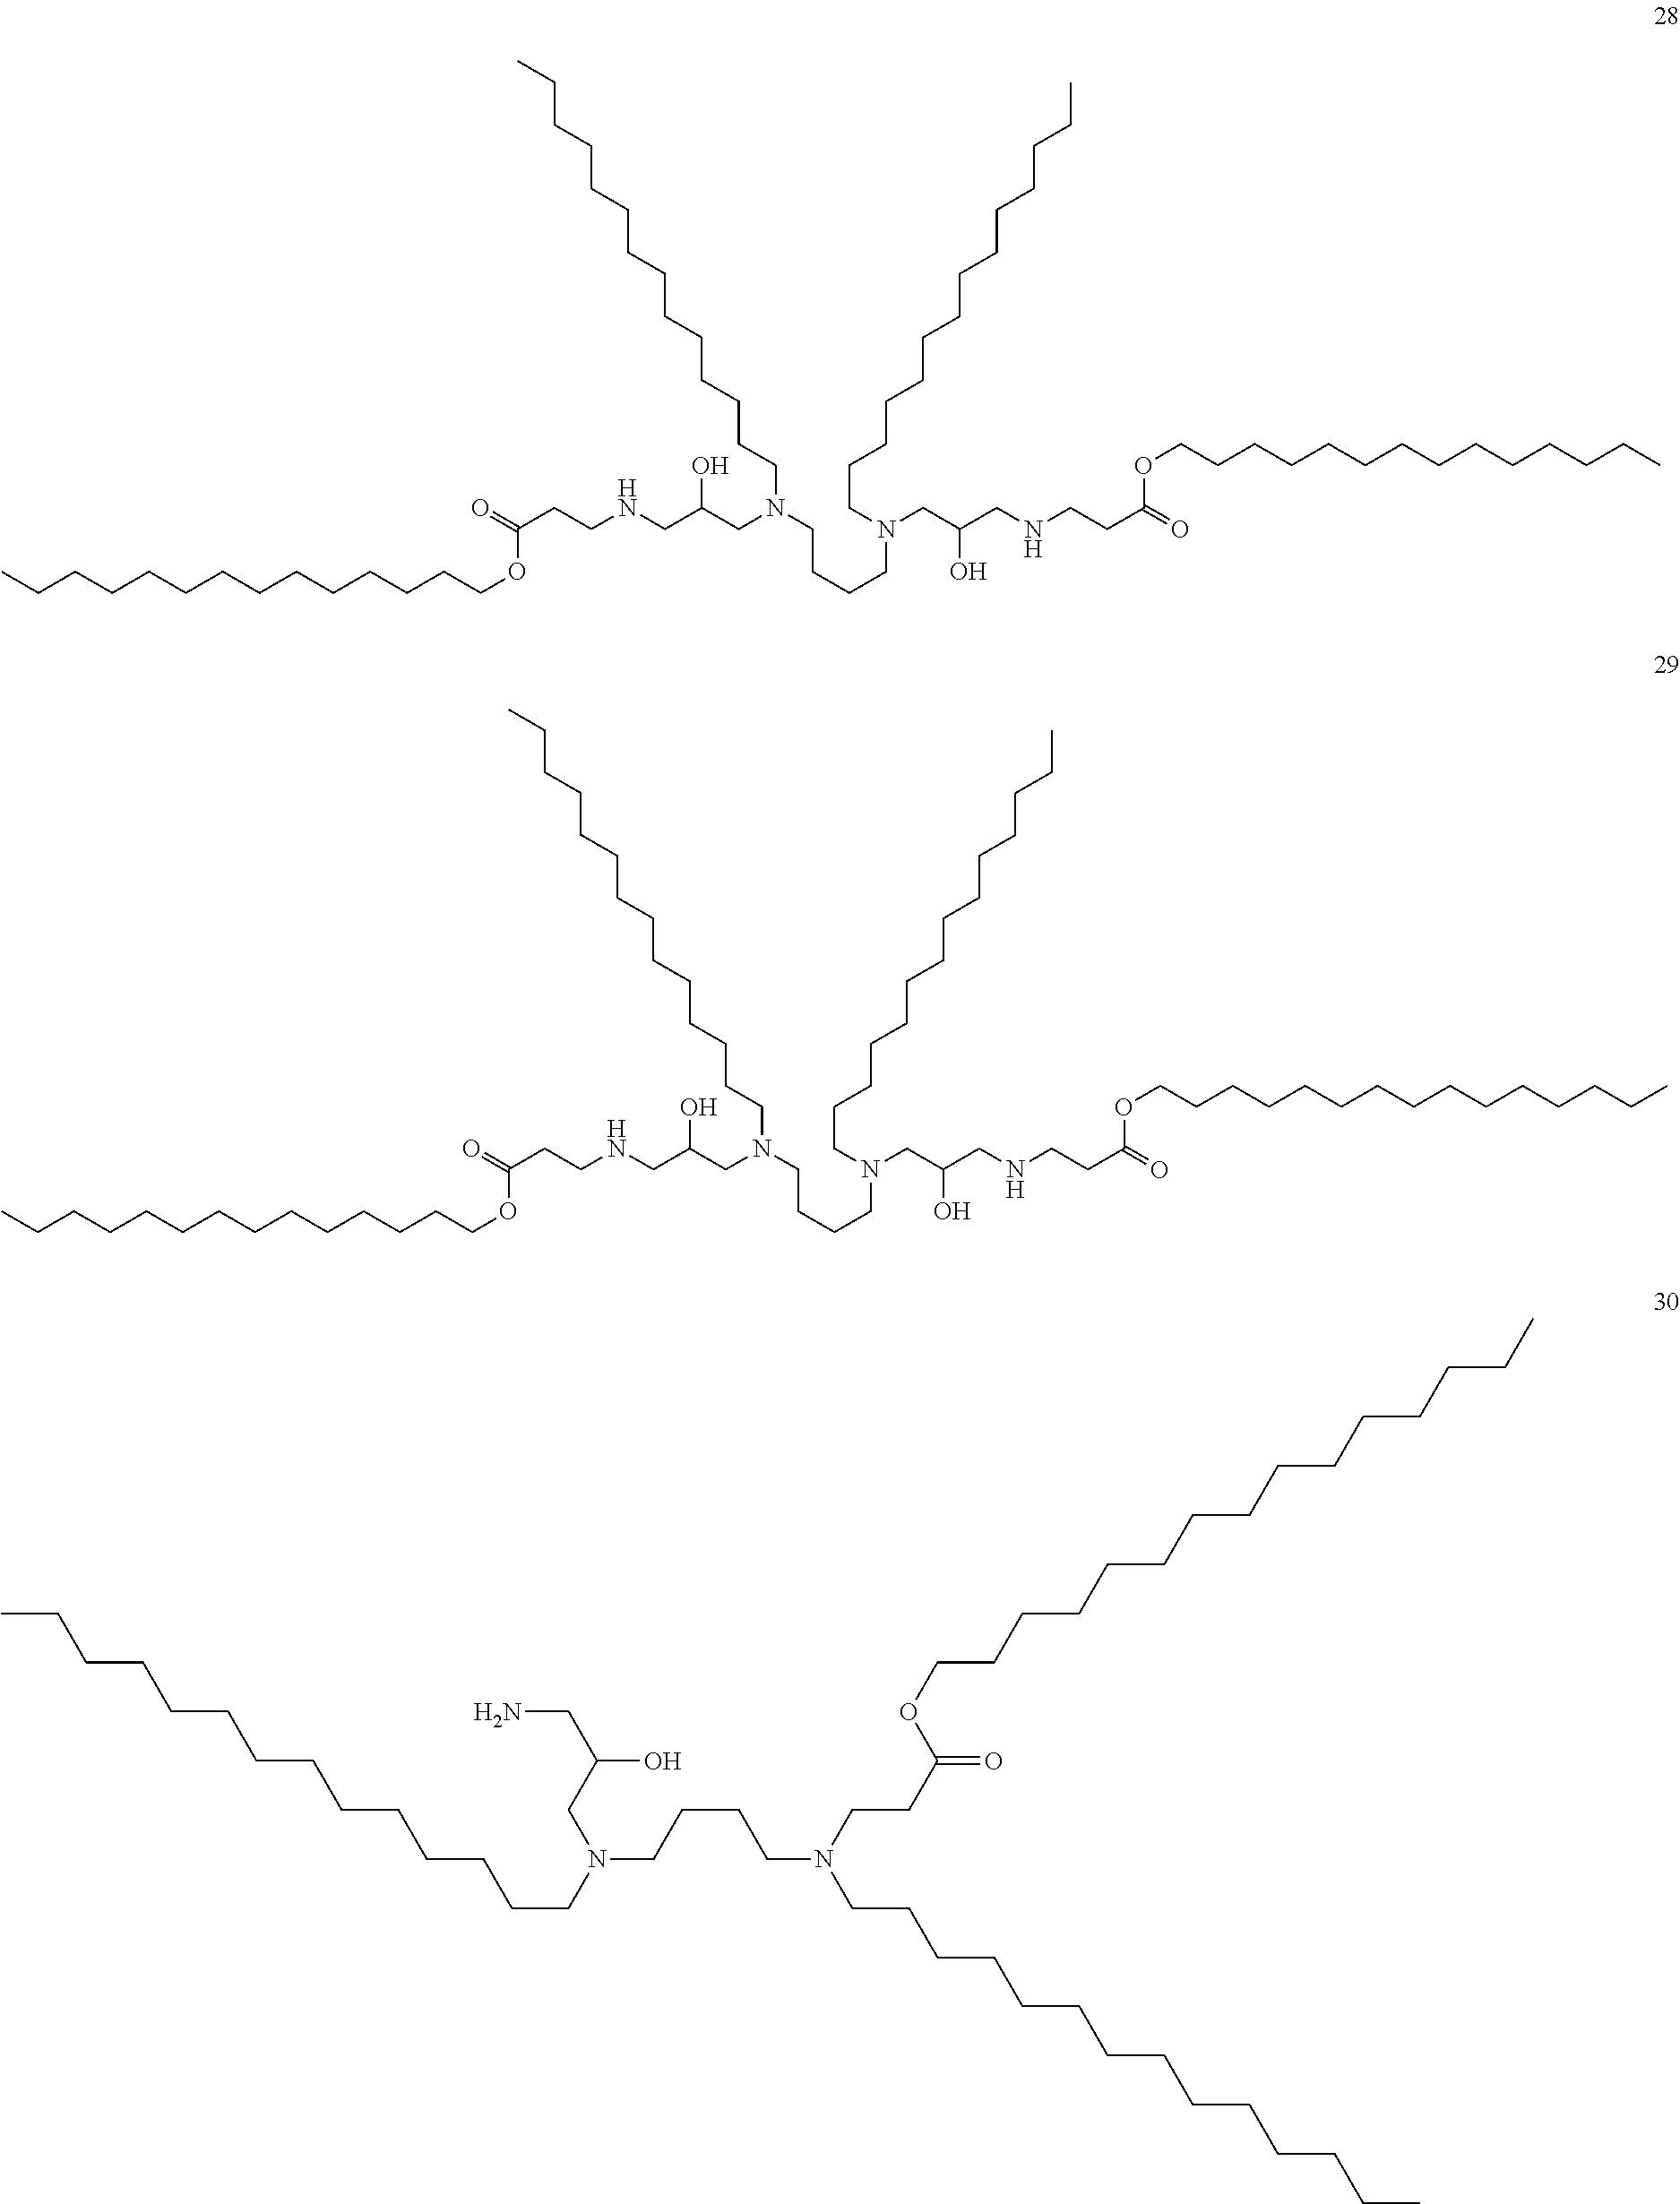 Figure US09901642-20180227-C00021